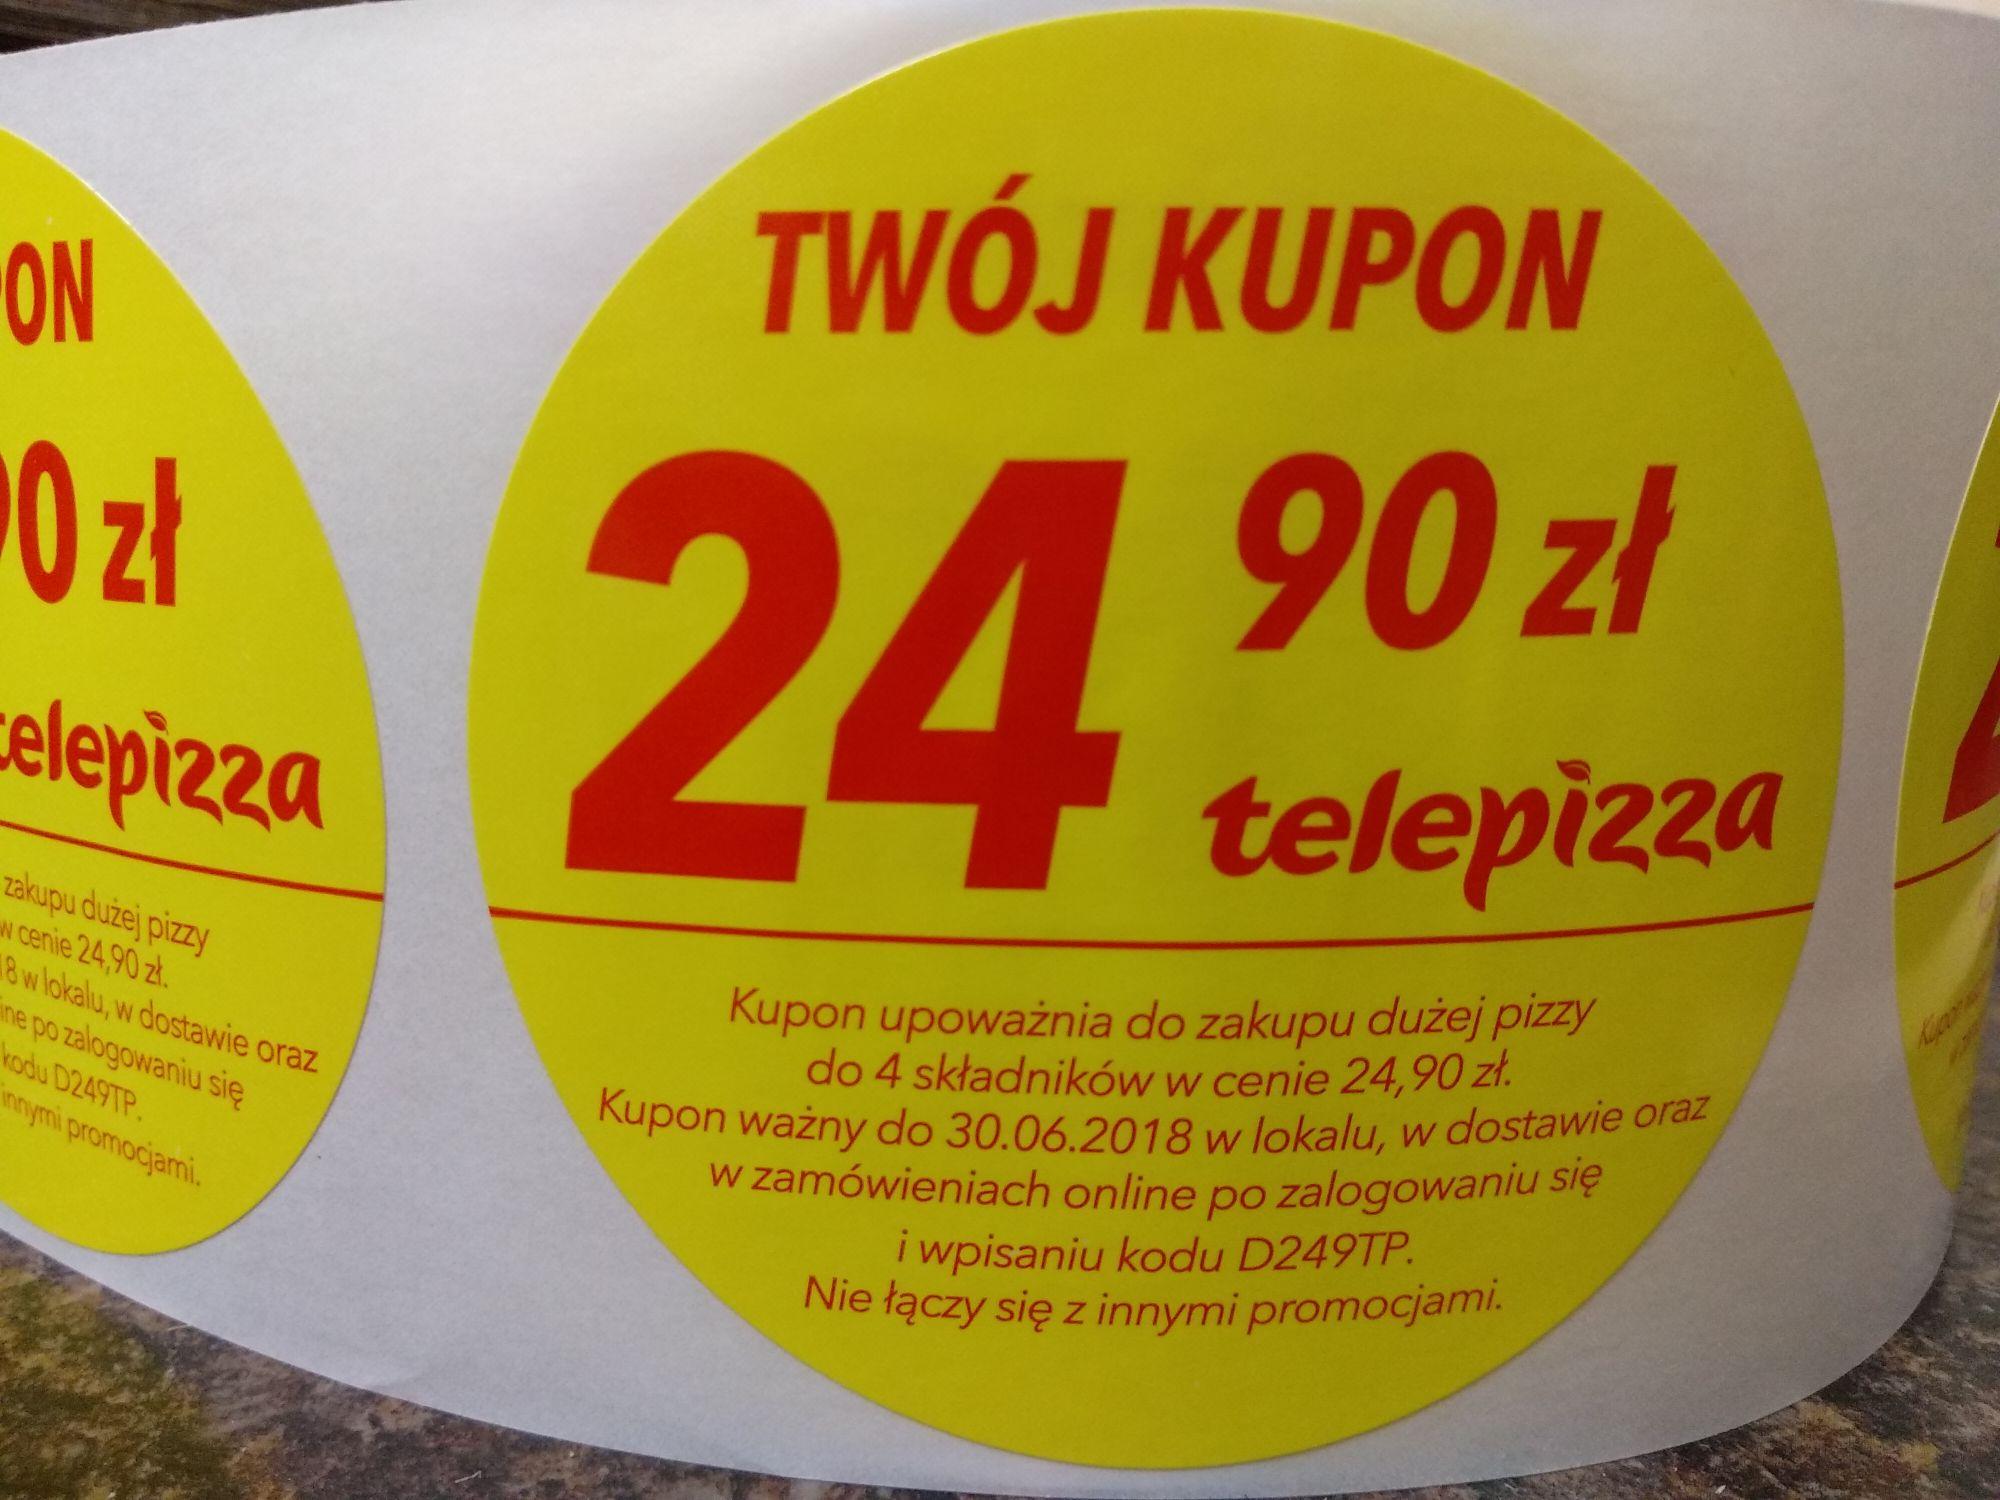 Duża pizza za 24,90 w TelePizzy.